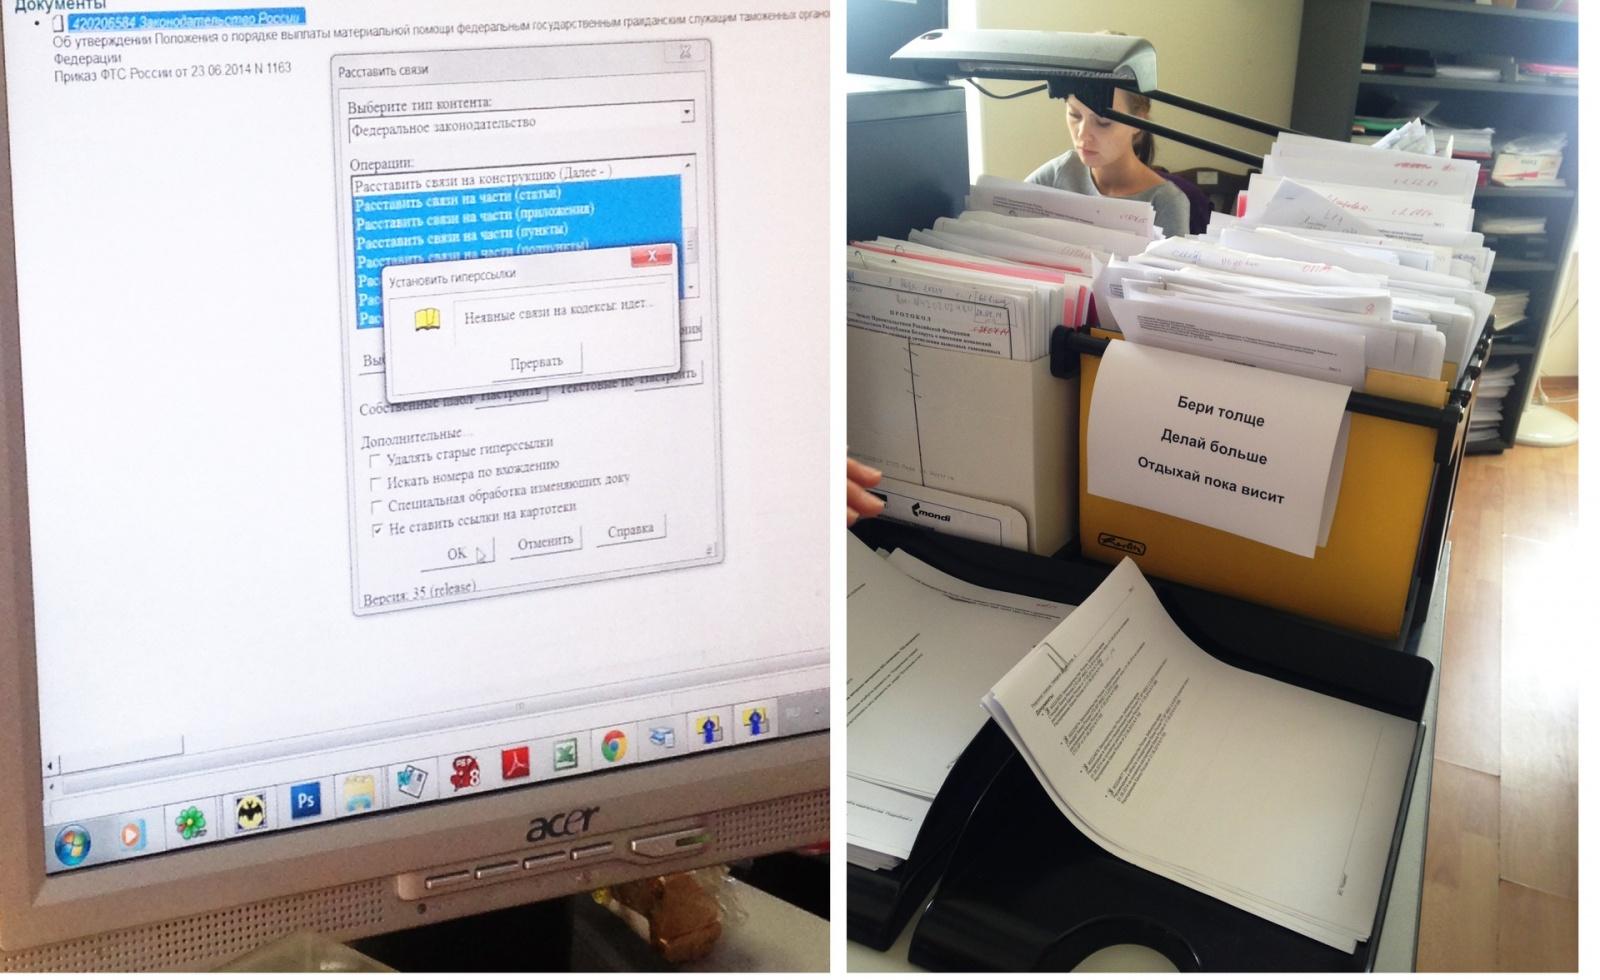 Жизненный цикл документа в профессиональной справочной системе. Немного сказочный пост о том, как кипа бумаги превращается в систему. Часть 2 - 5